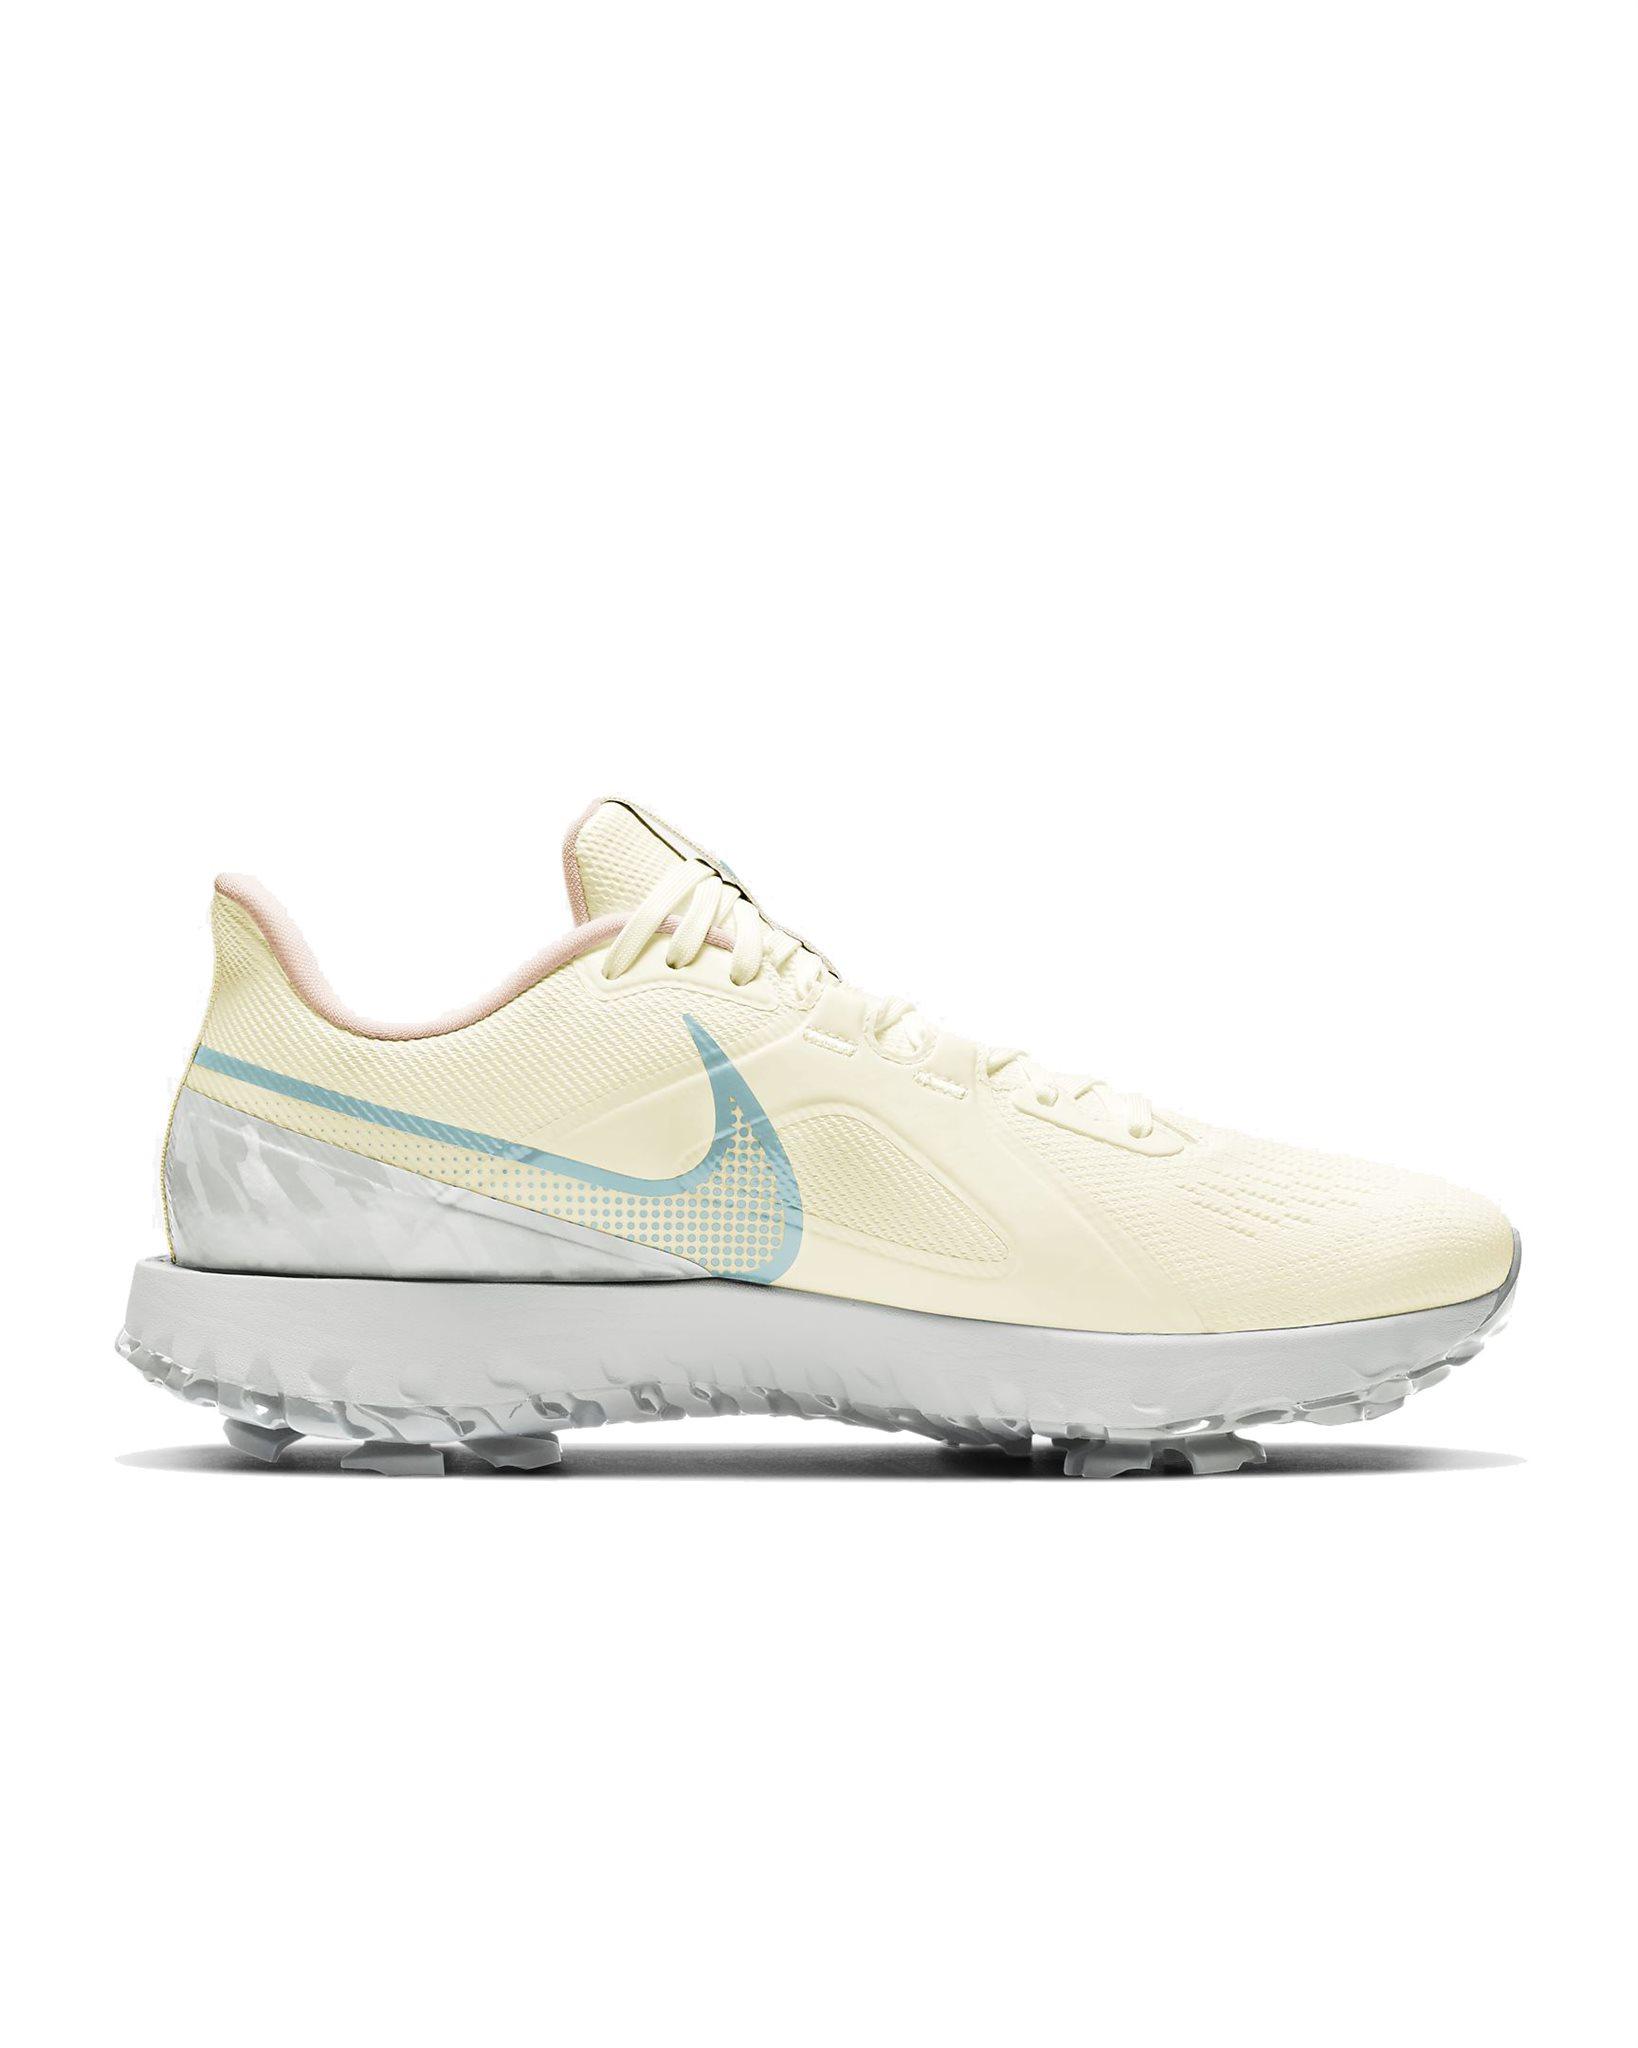 Nike unisex golfschoenen React Infinity Pro wit-groen